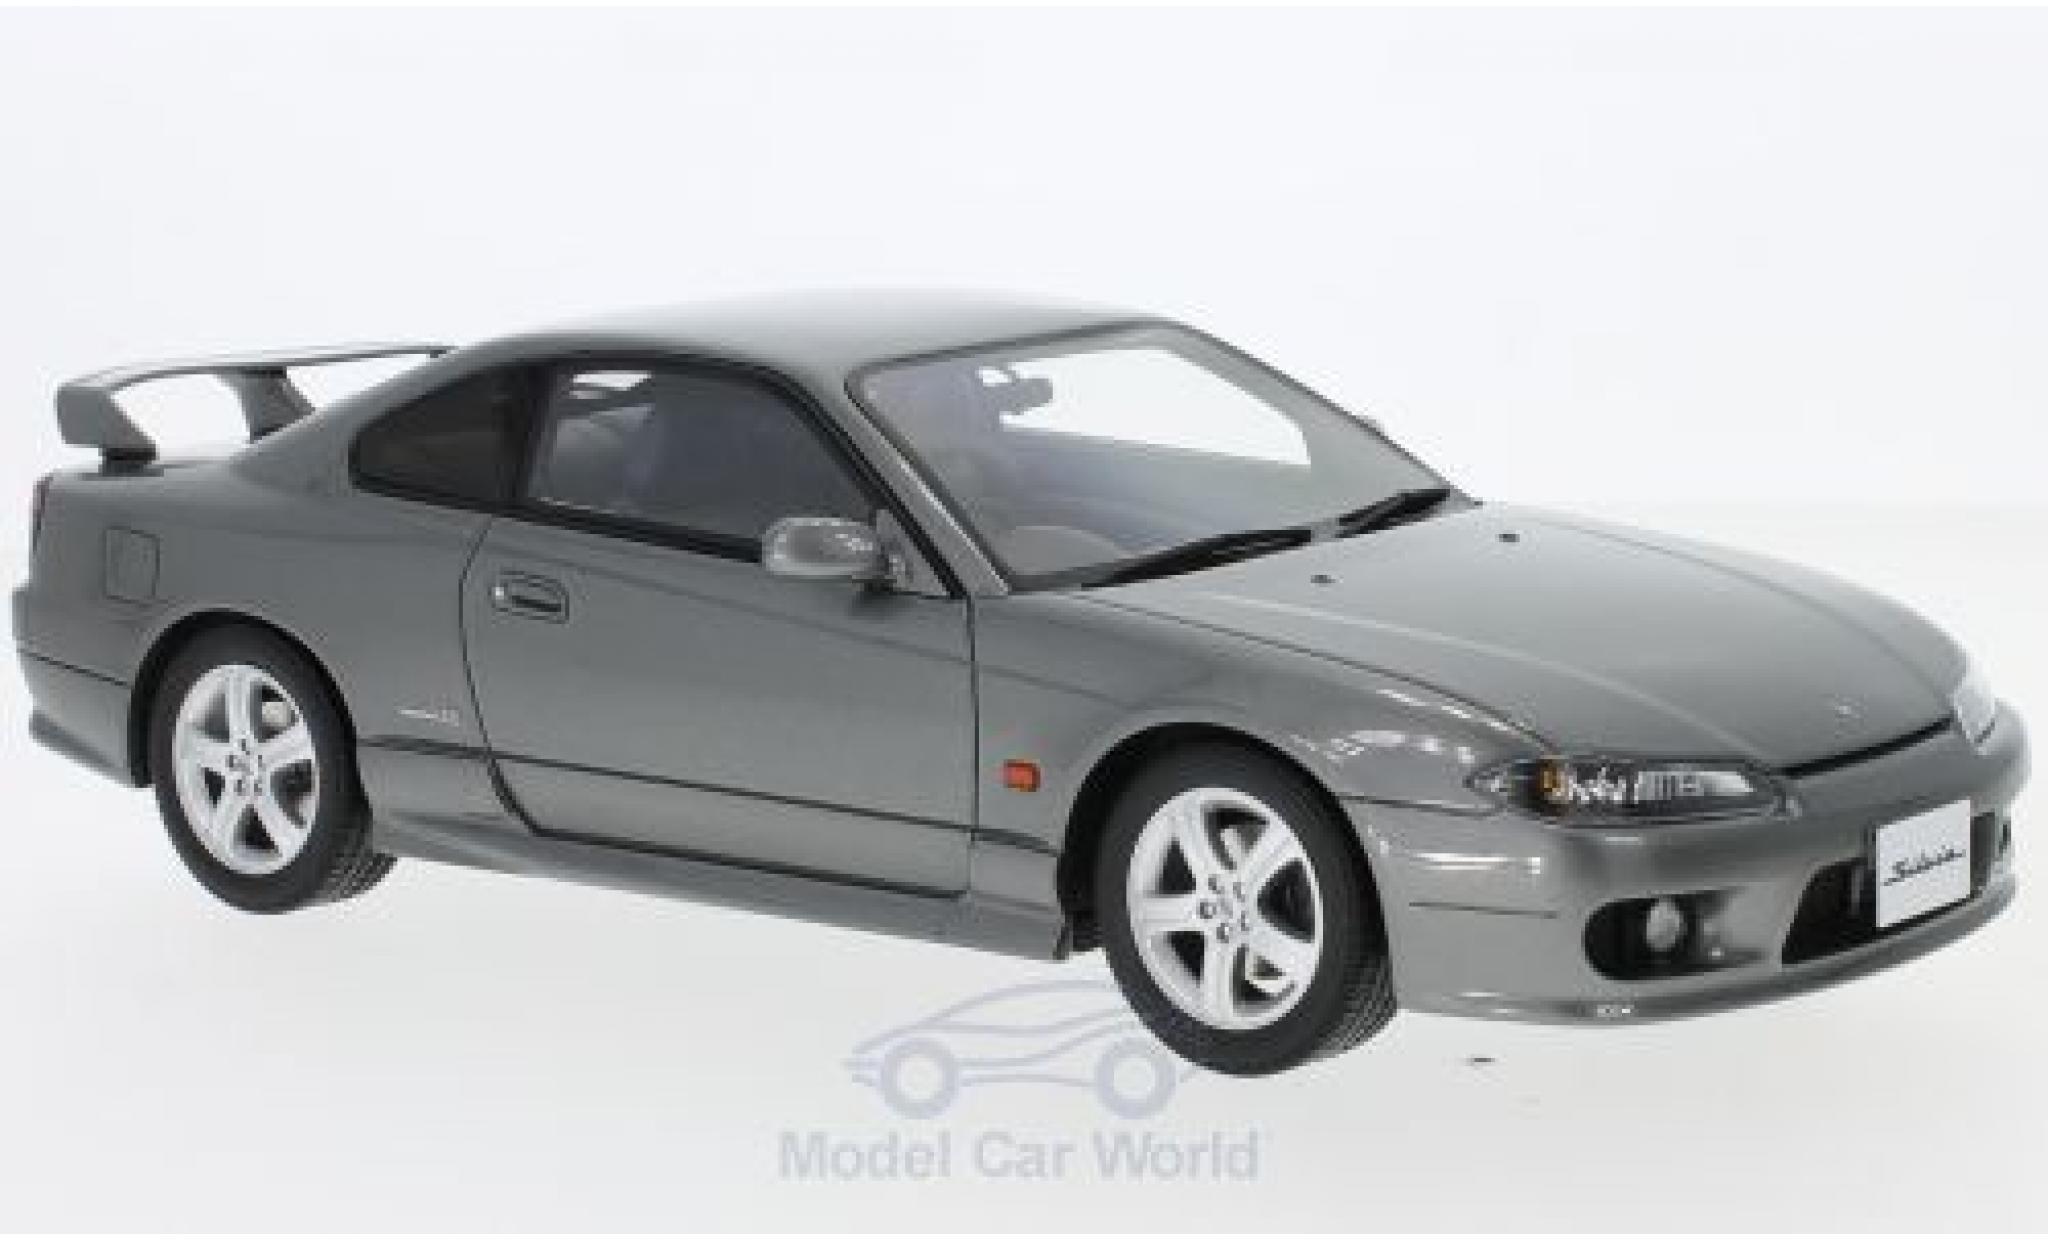 Nissan Silvia 1/18 Ottomobile Spec-R AERO (S15) metallise grise RHD 1999